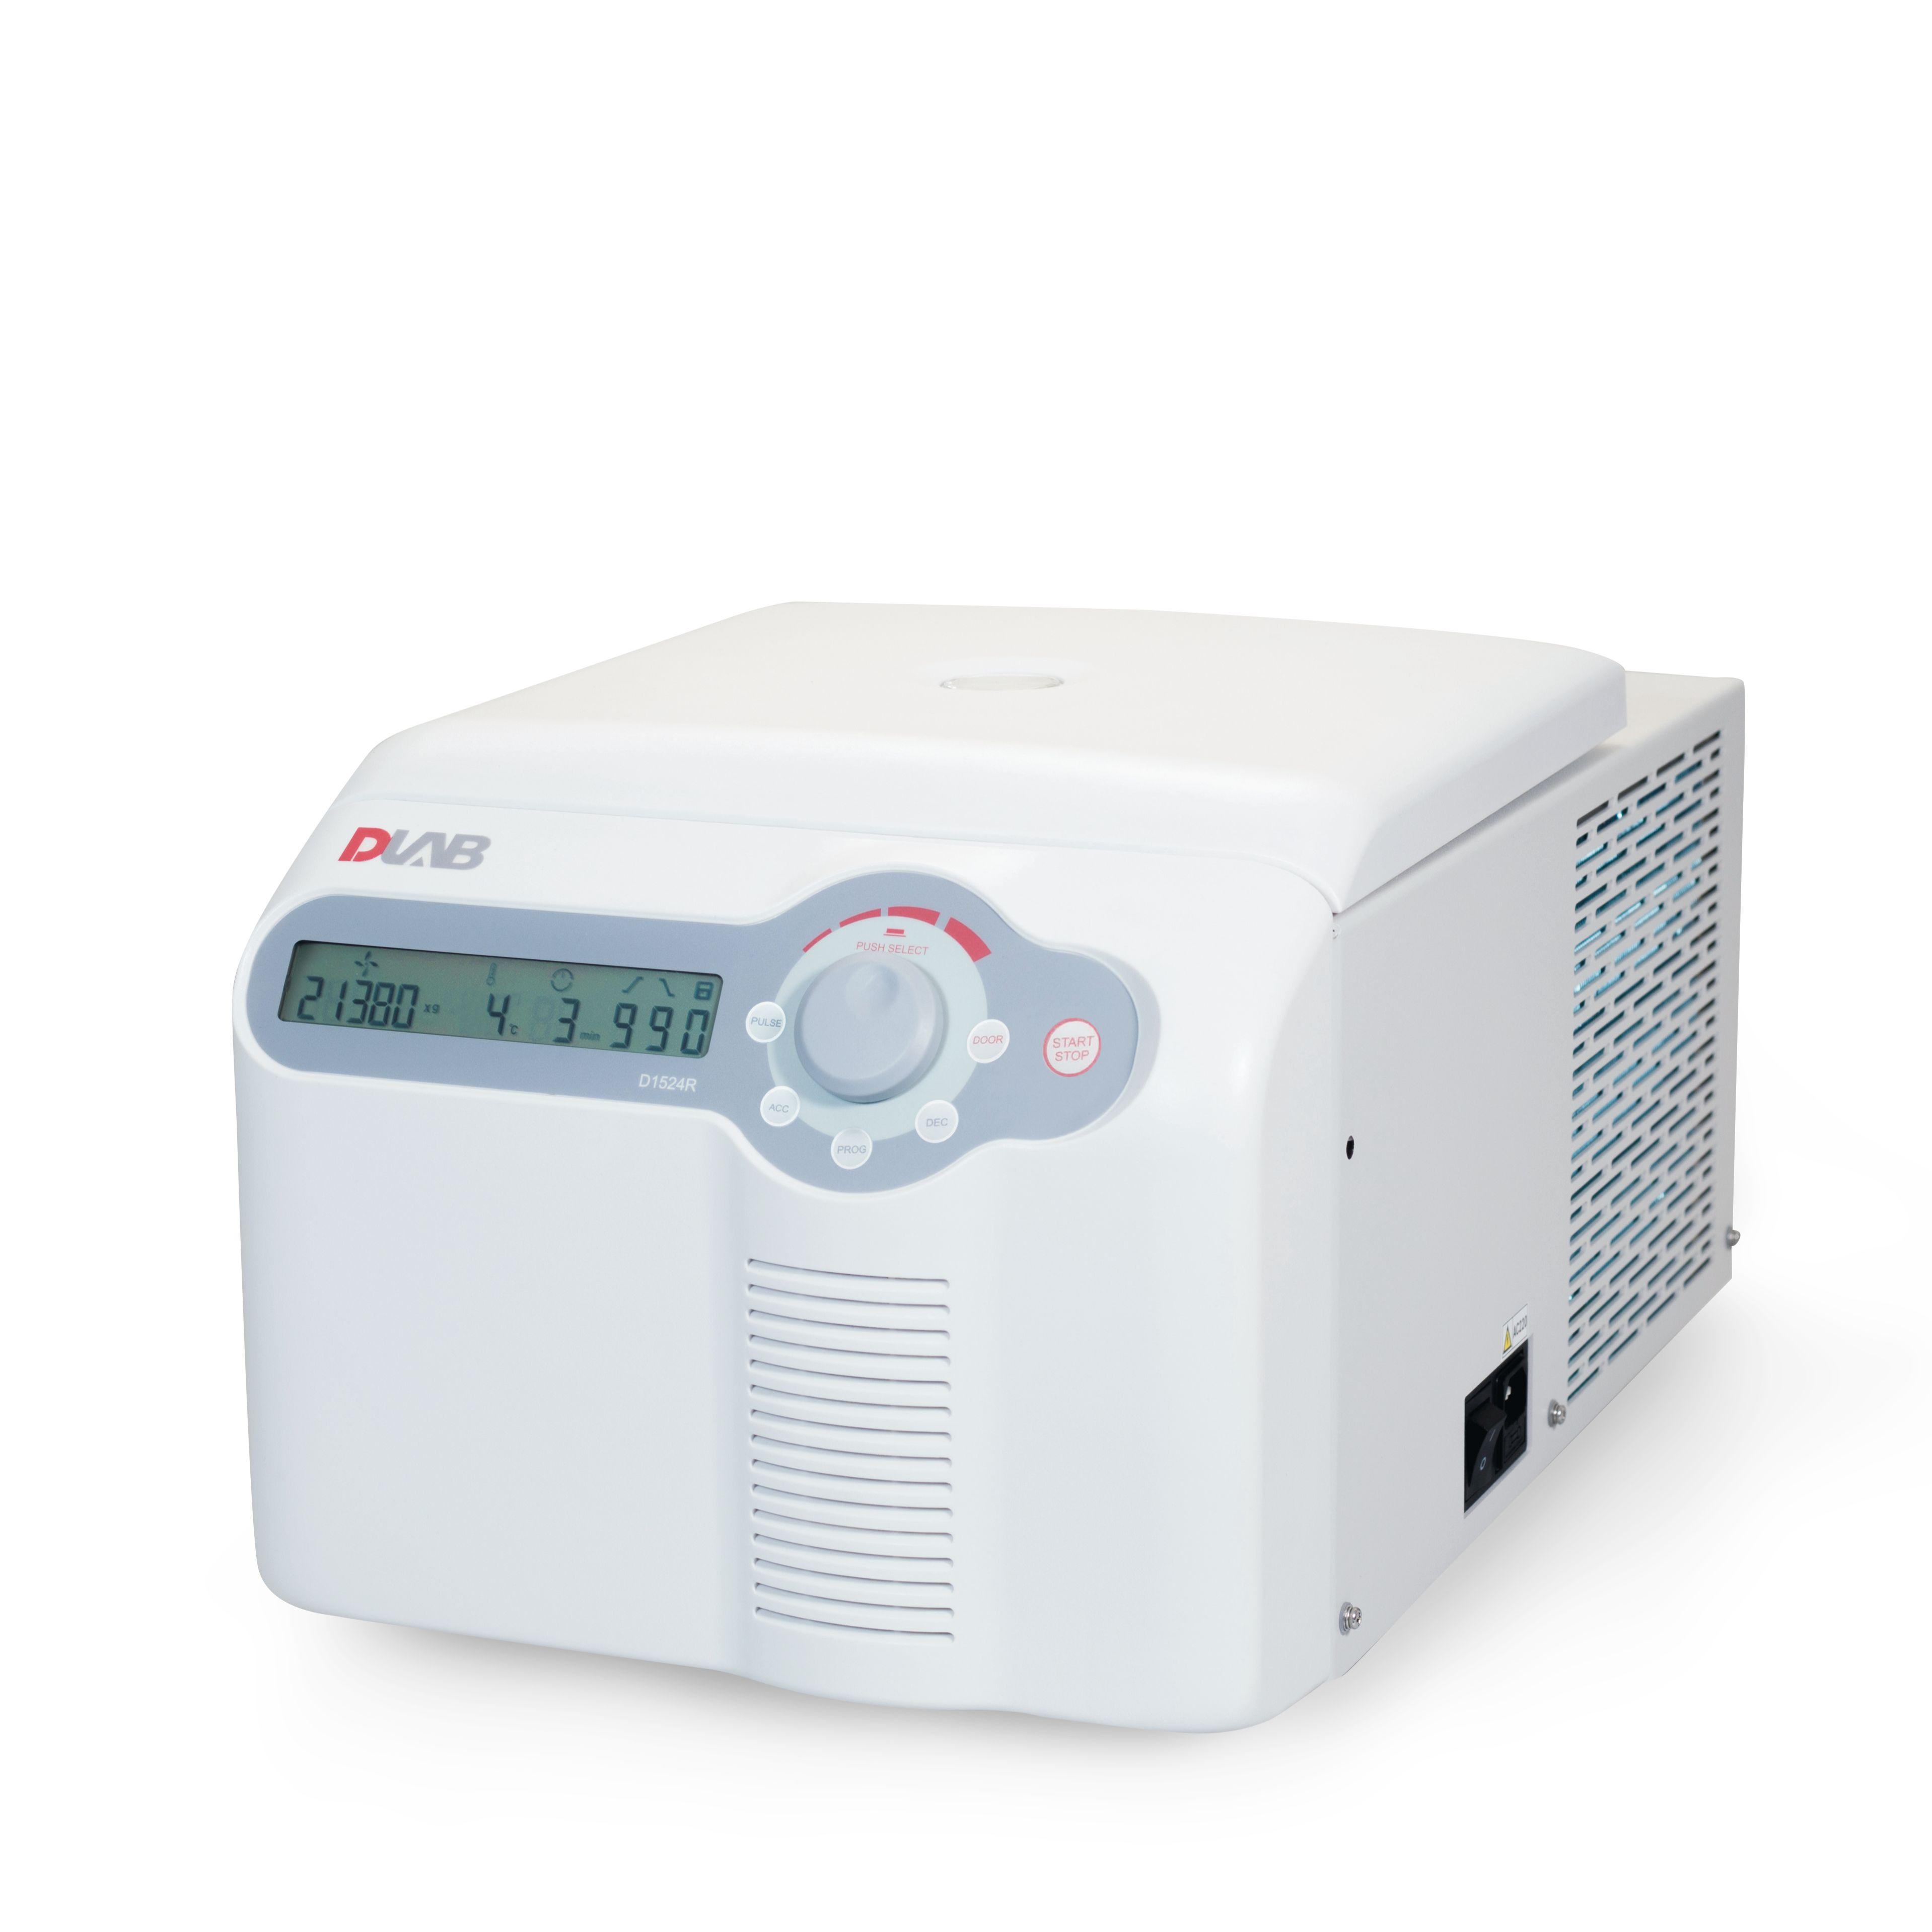 高速冷冻微量台式离心机 D1524R